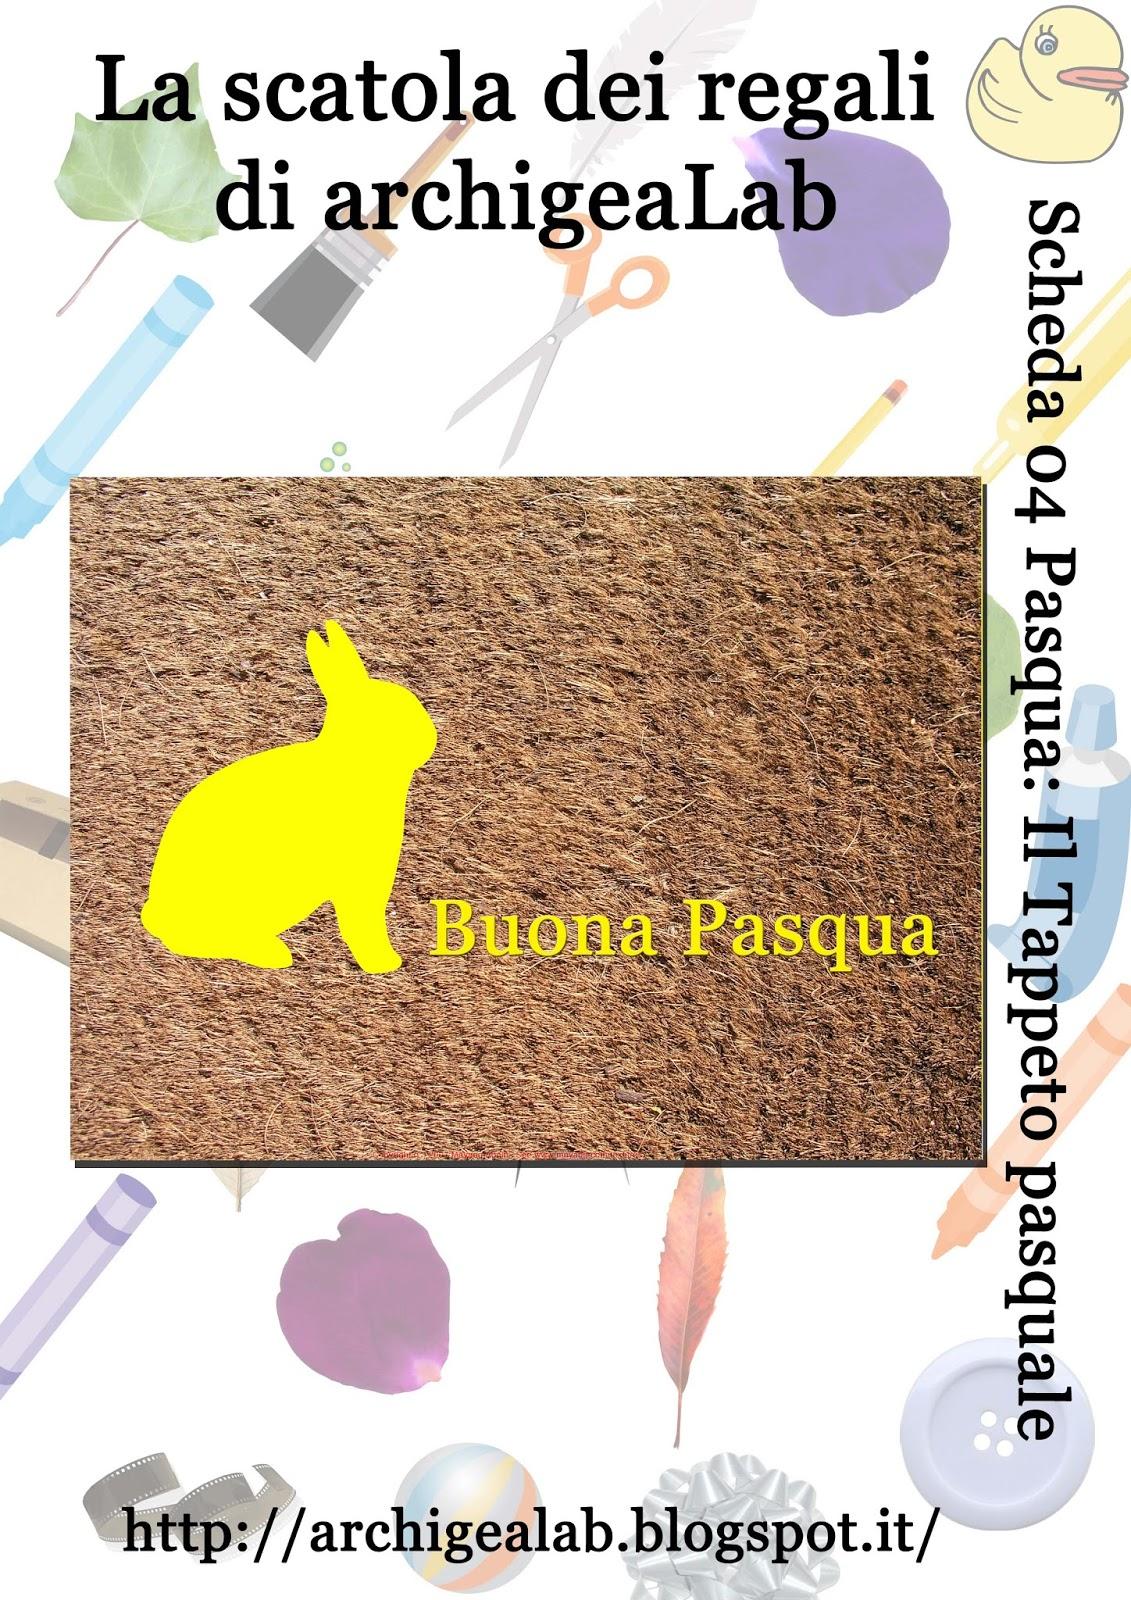 Archigealab la scatola dei regali di archigealab il - Foglio colore coniglietto pasquale ...